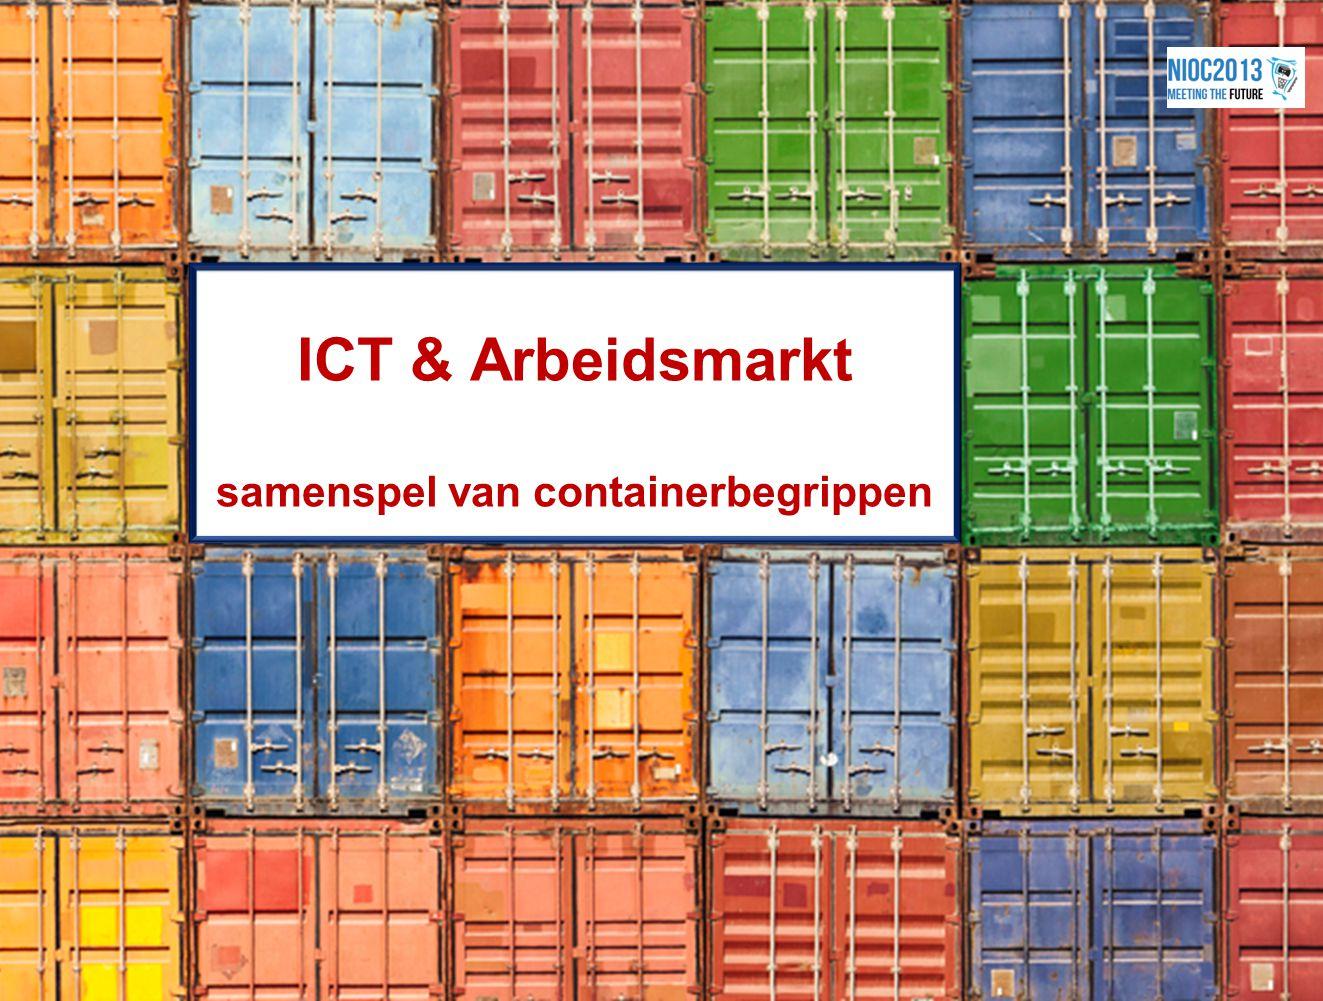 3 ICT & Arbeidsmarkt samenspel van containerbegrippen